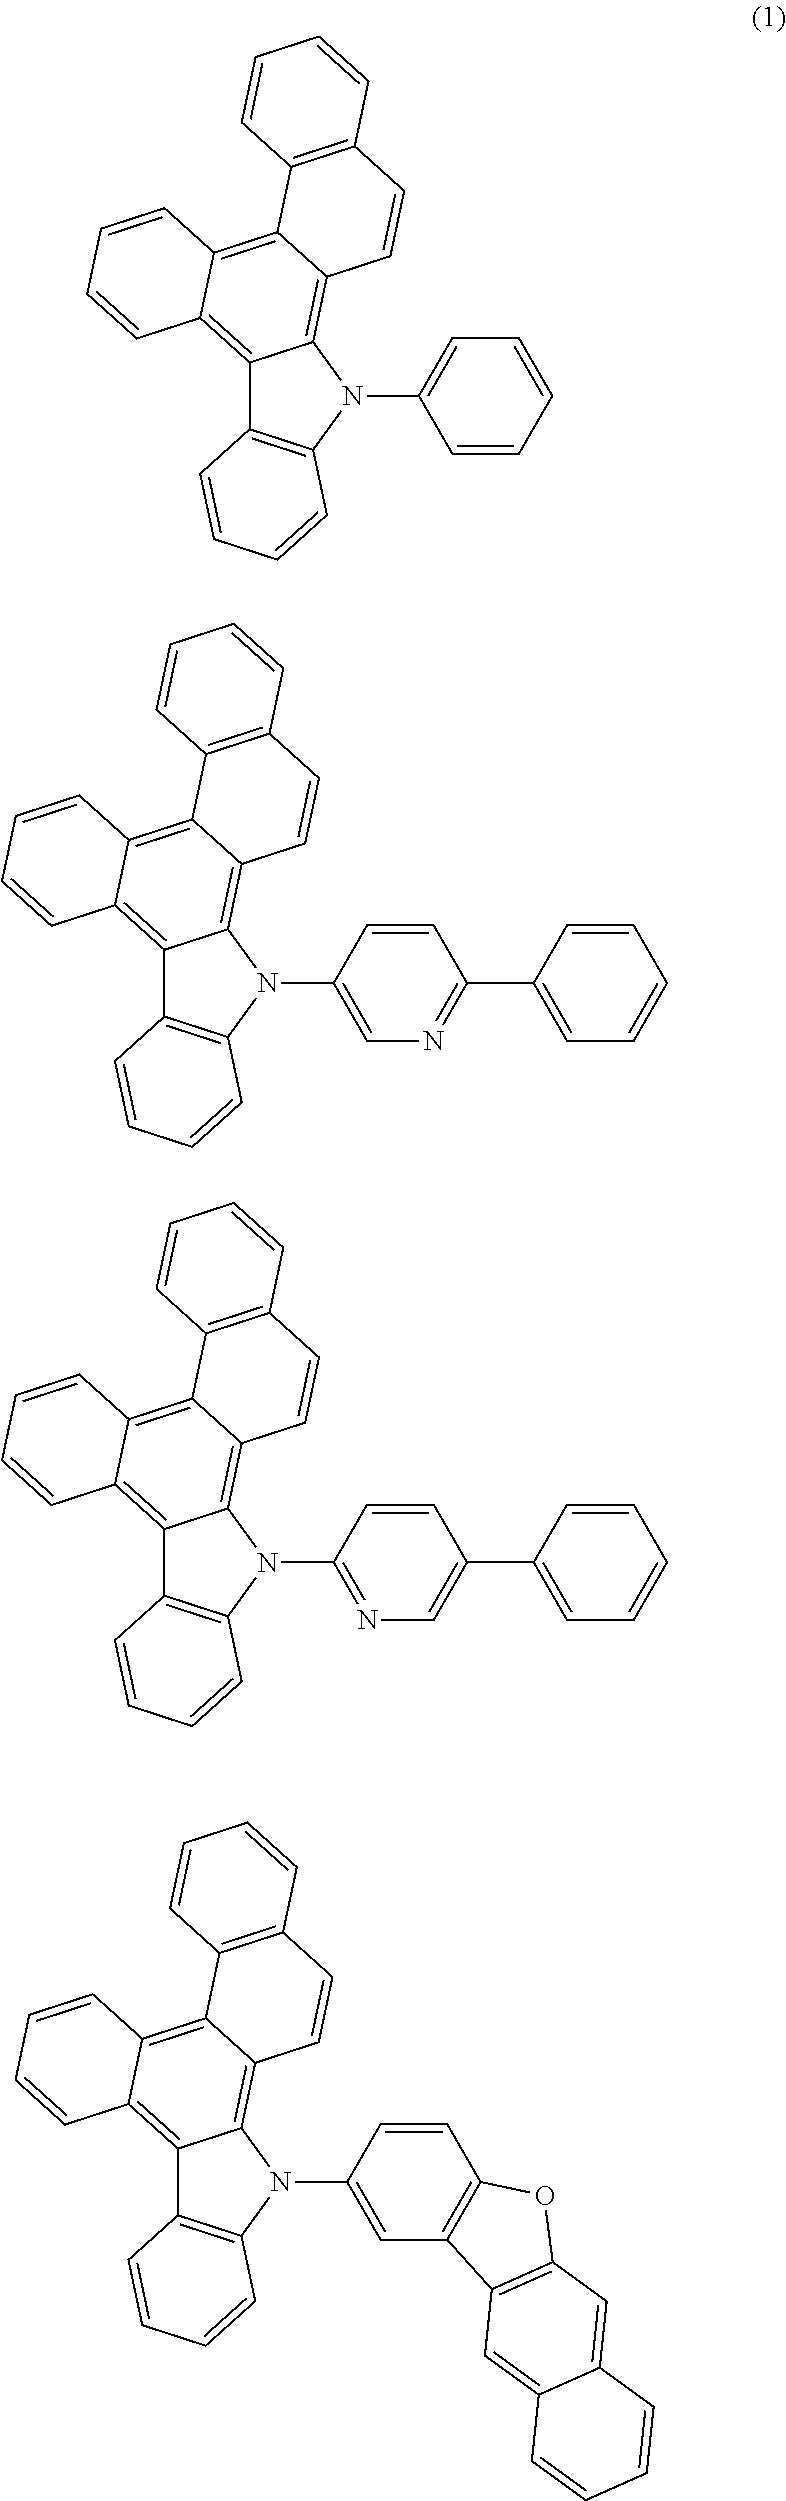 Figure US09837615-20171205-C00035